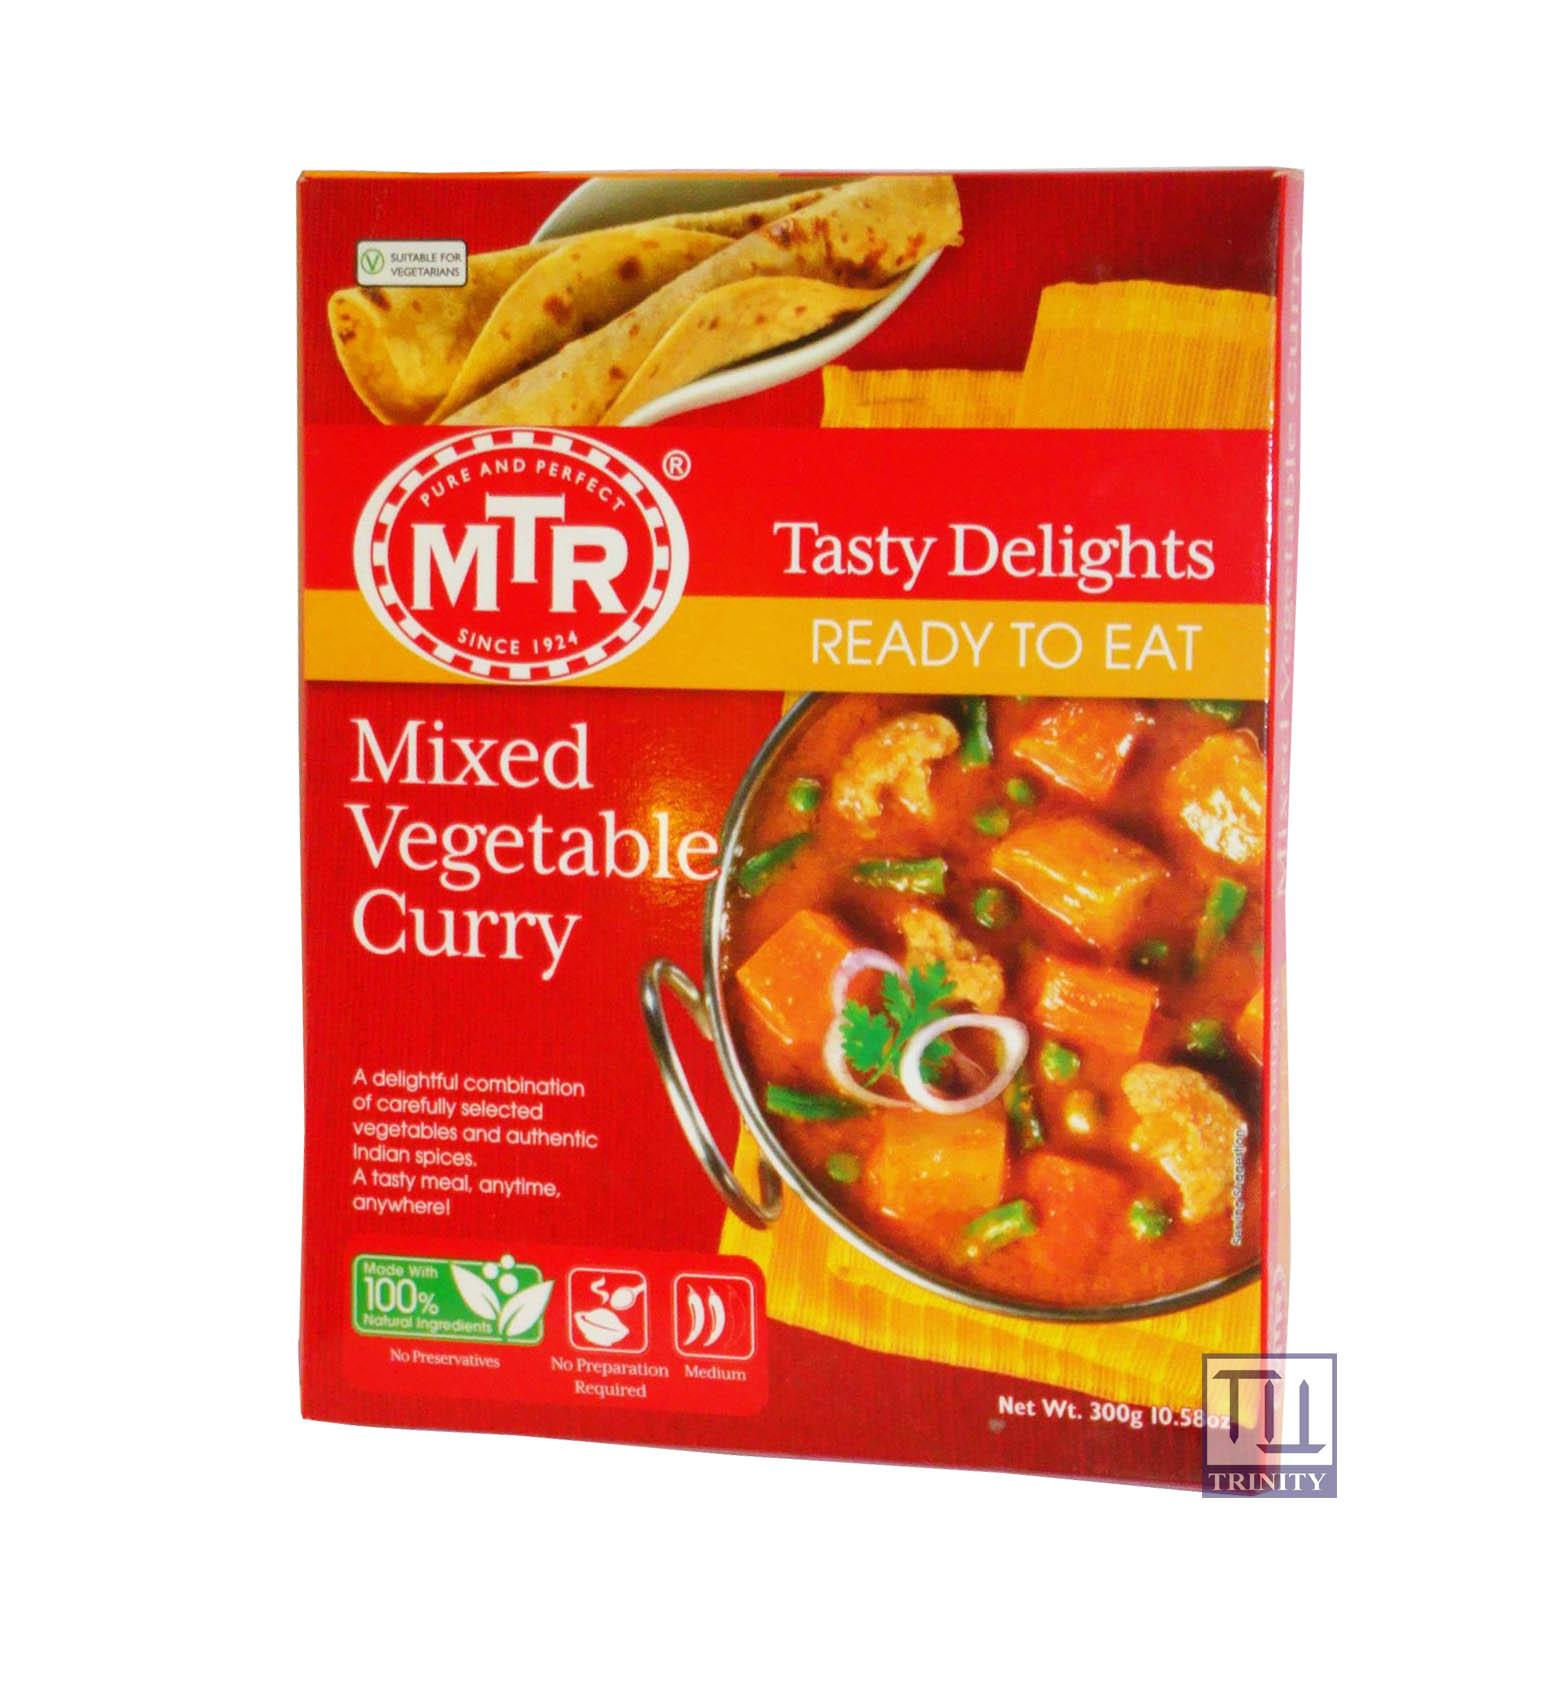 Mtr Mixed Vegetable Curry 印度綜合蔬菜咖哩即食調理包